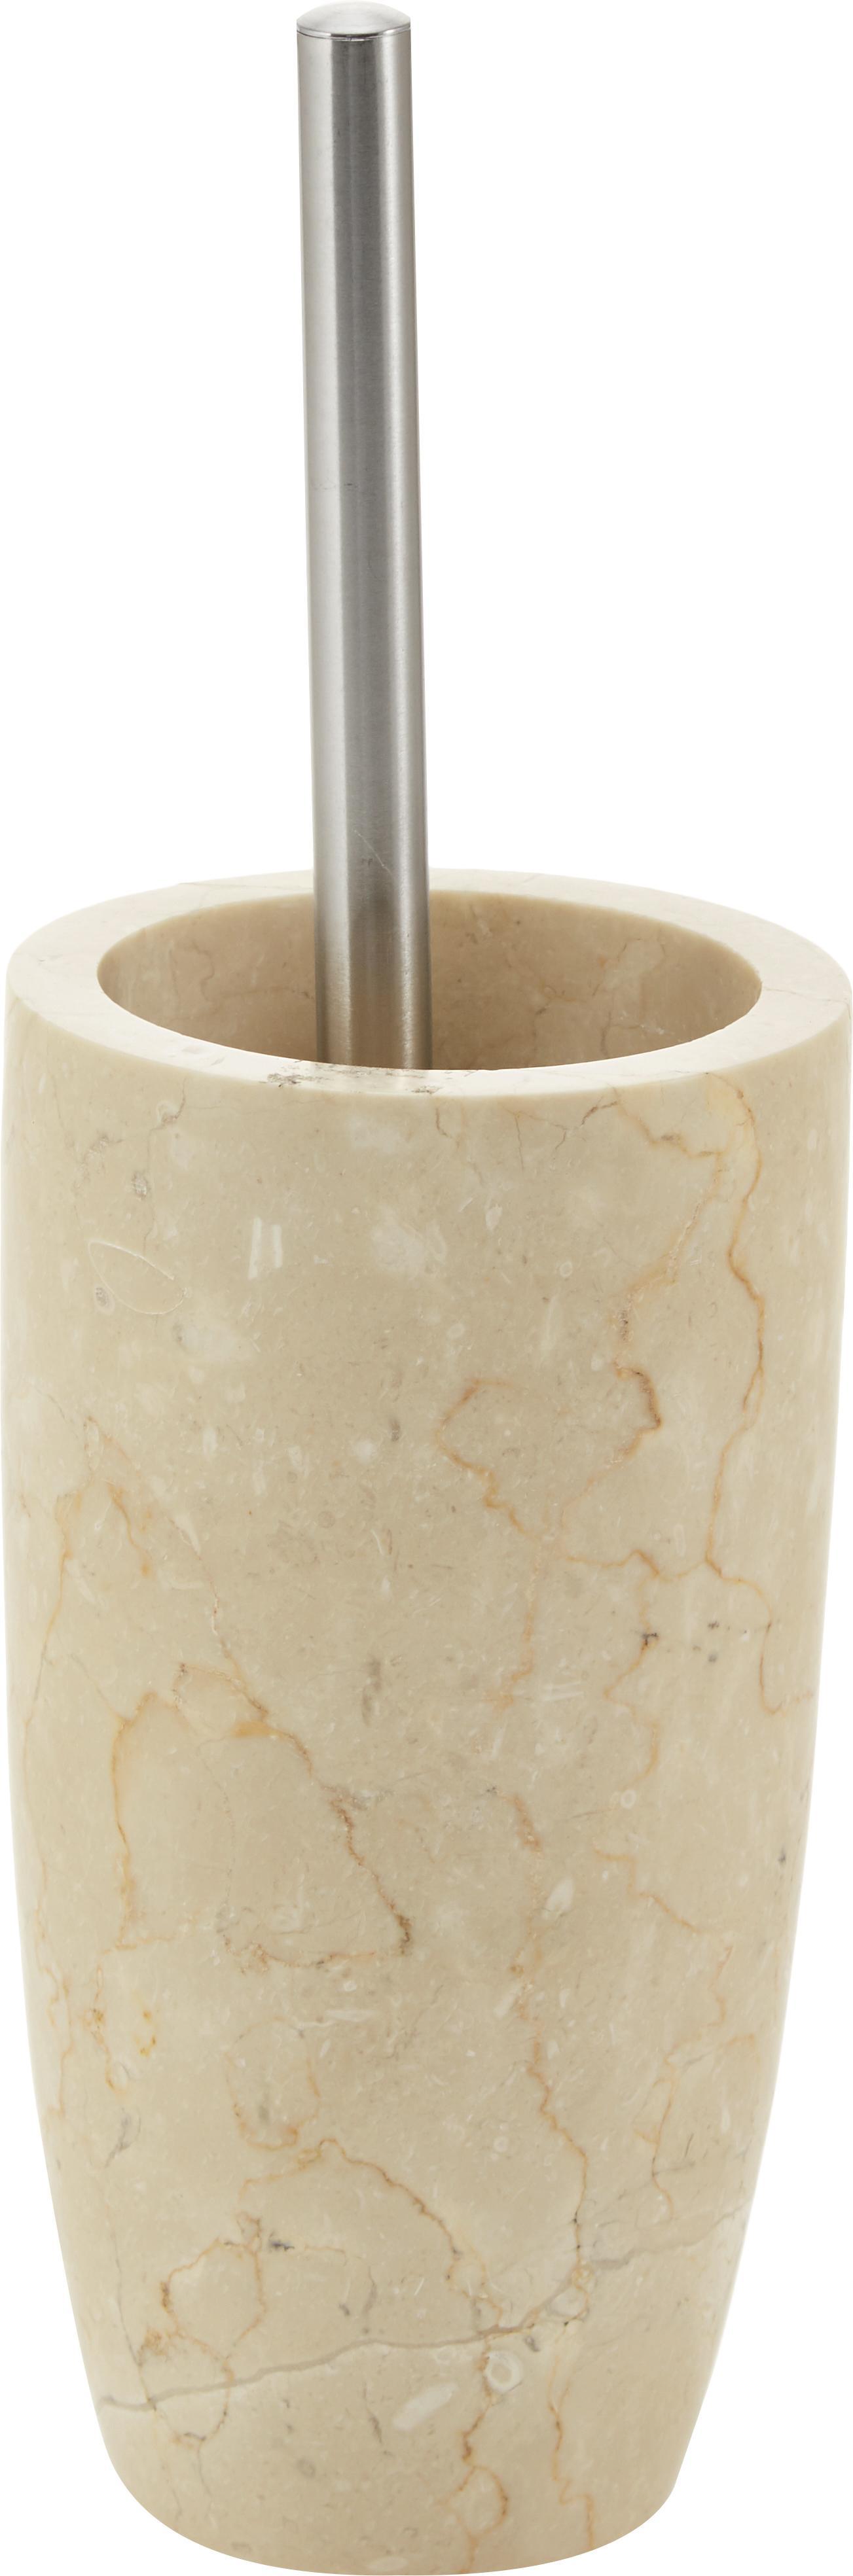 Scopino in marmo Luxor, Recipiente: marmo, Maniglia: acciaio inossidabile, Beige, acciaio, Ø 11 x Alt. 36 cm